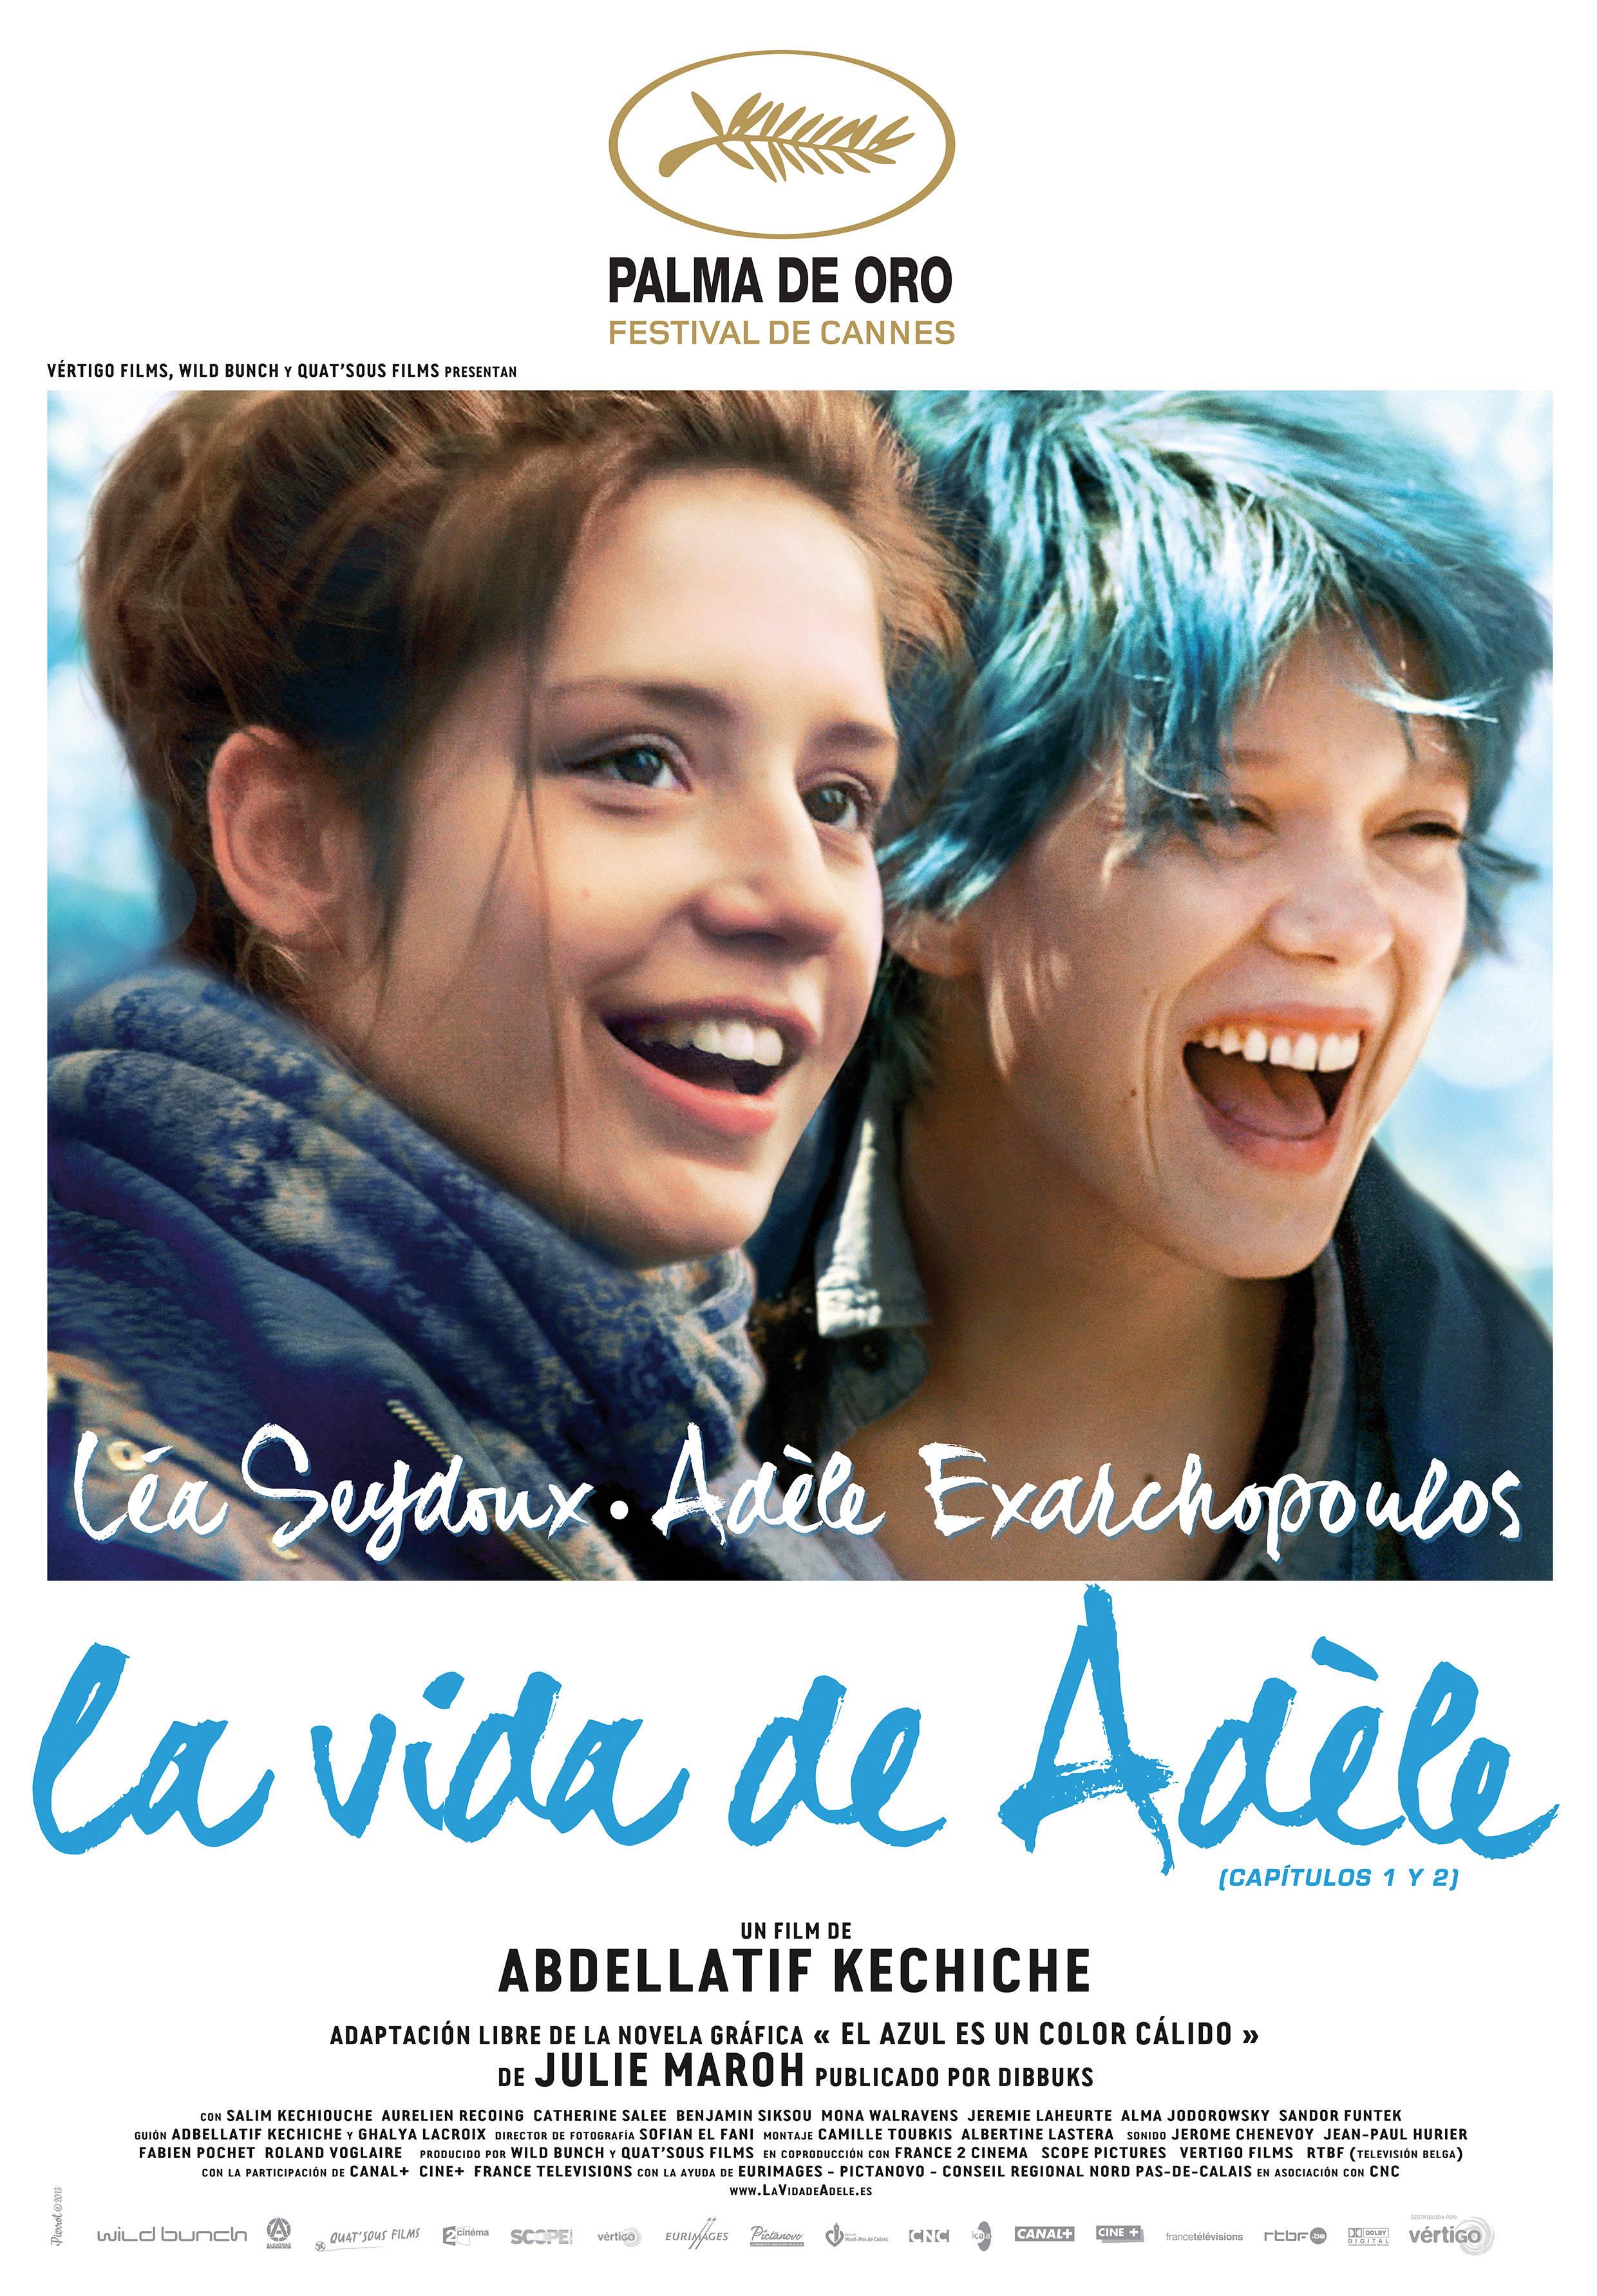 La vie d'Adèle chapitre 1 & 2 (2013)